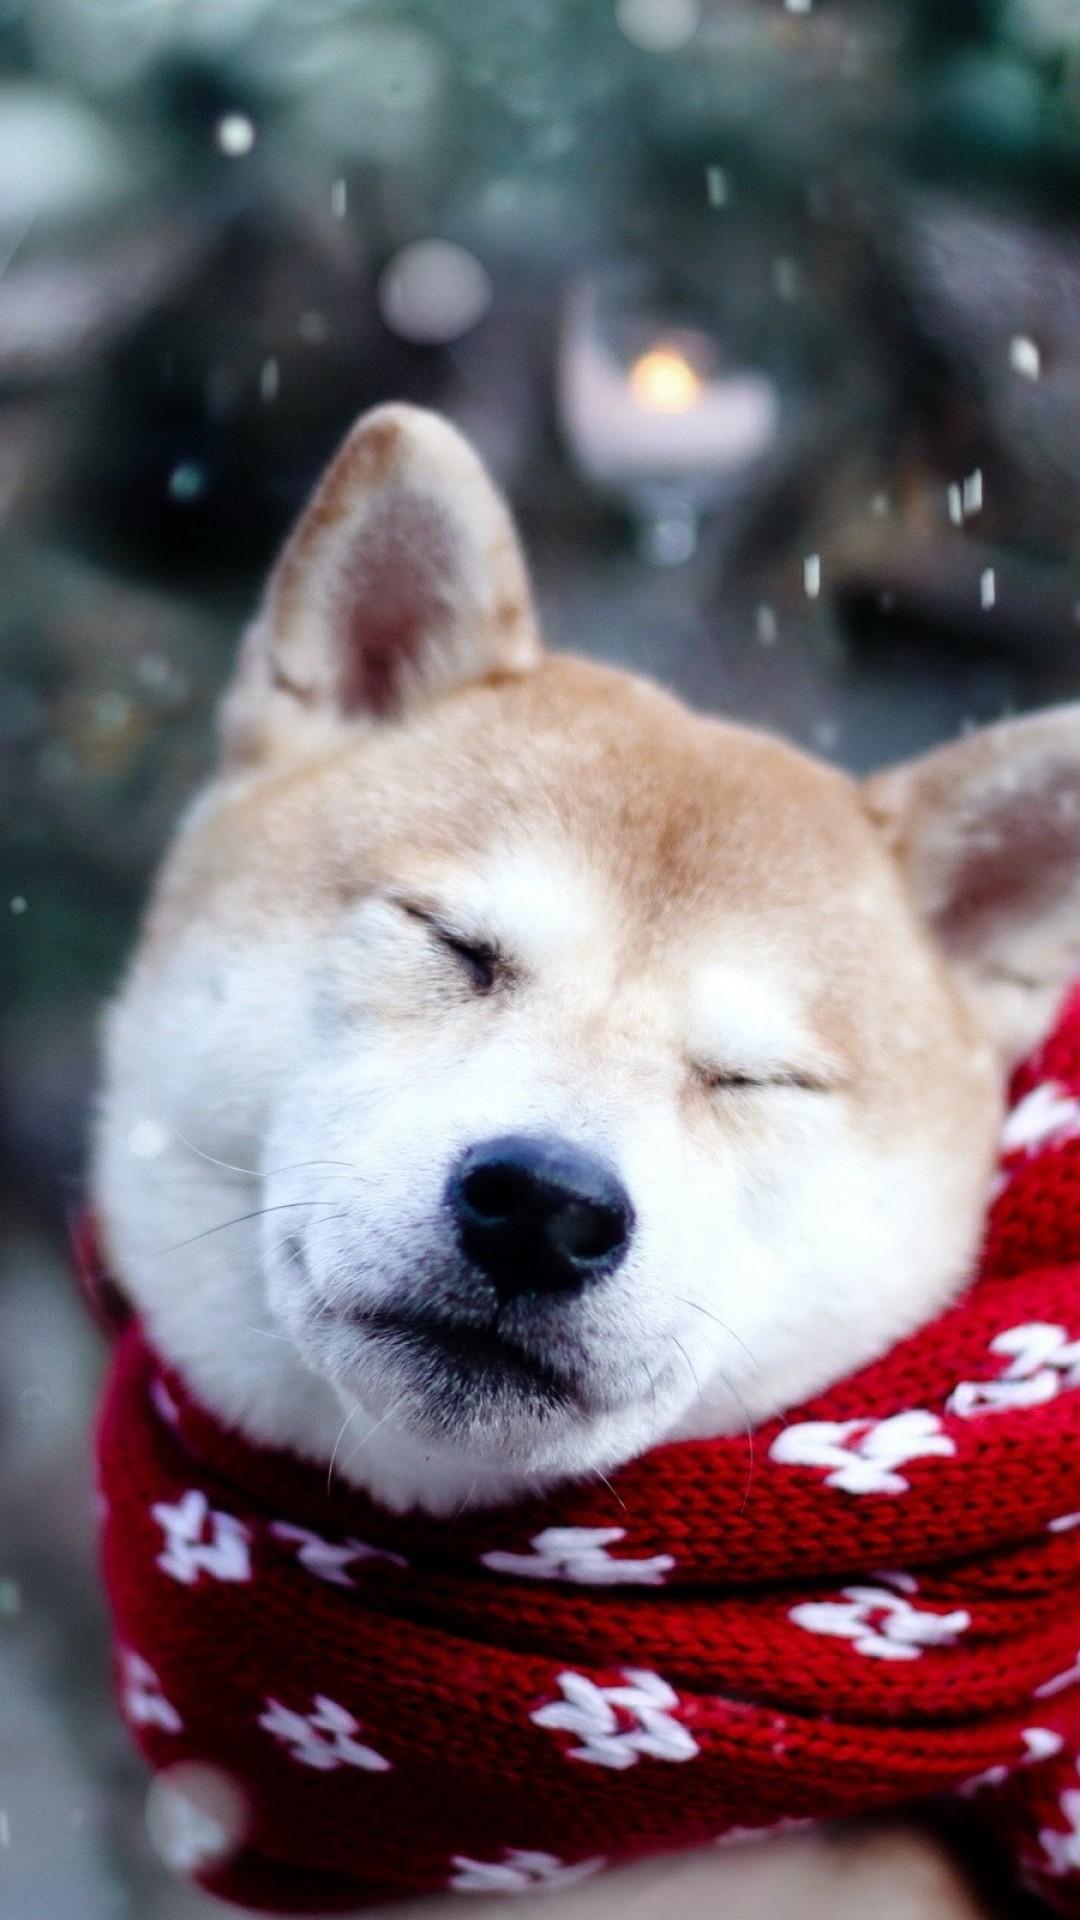 デスクトップ壁紙 雪 冬 柴犬 子犬 脊椎動物 1080x1920 Px